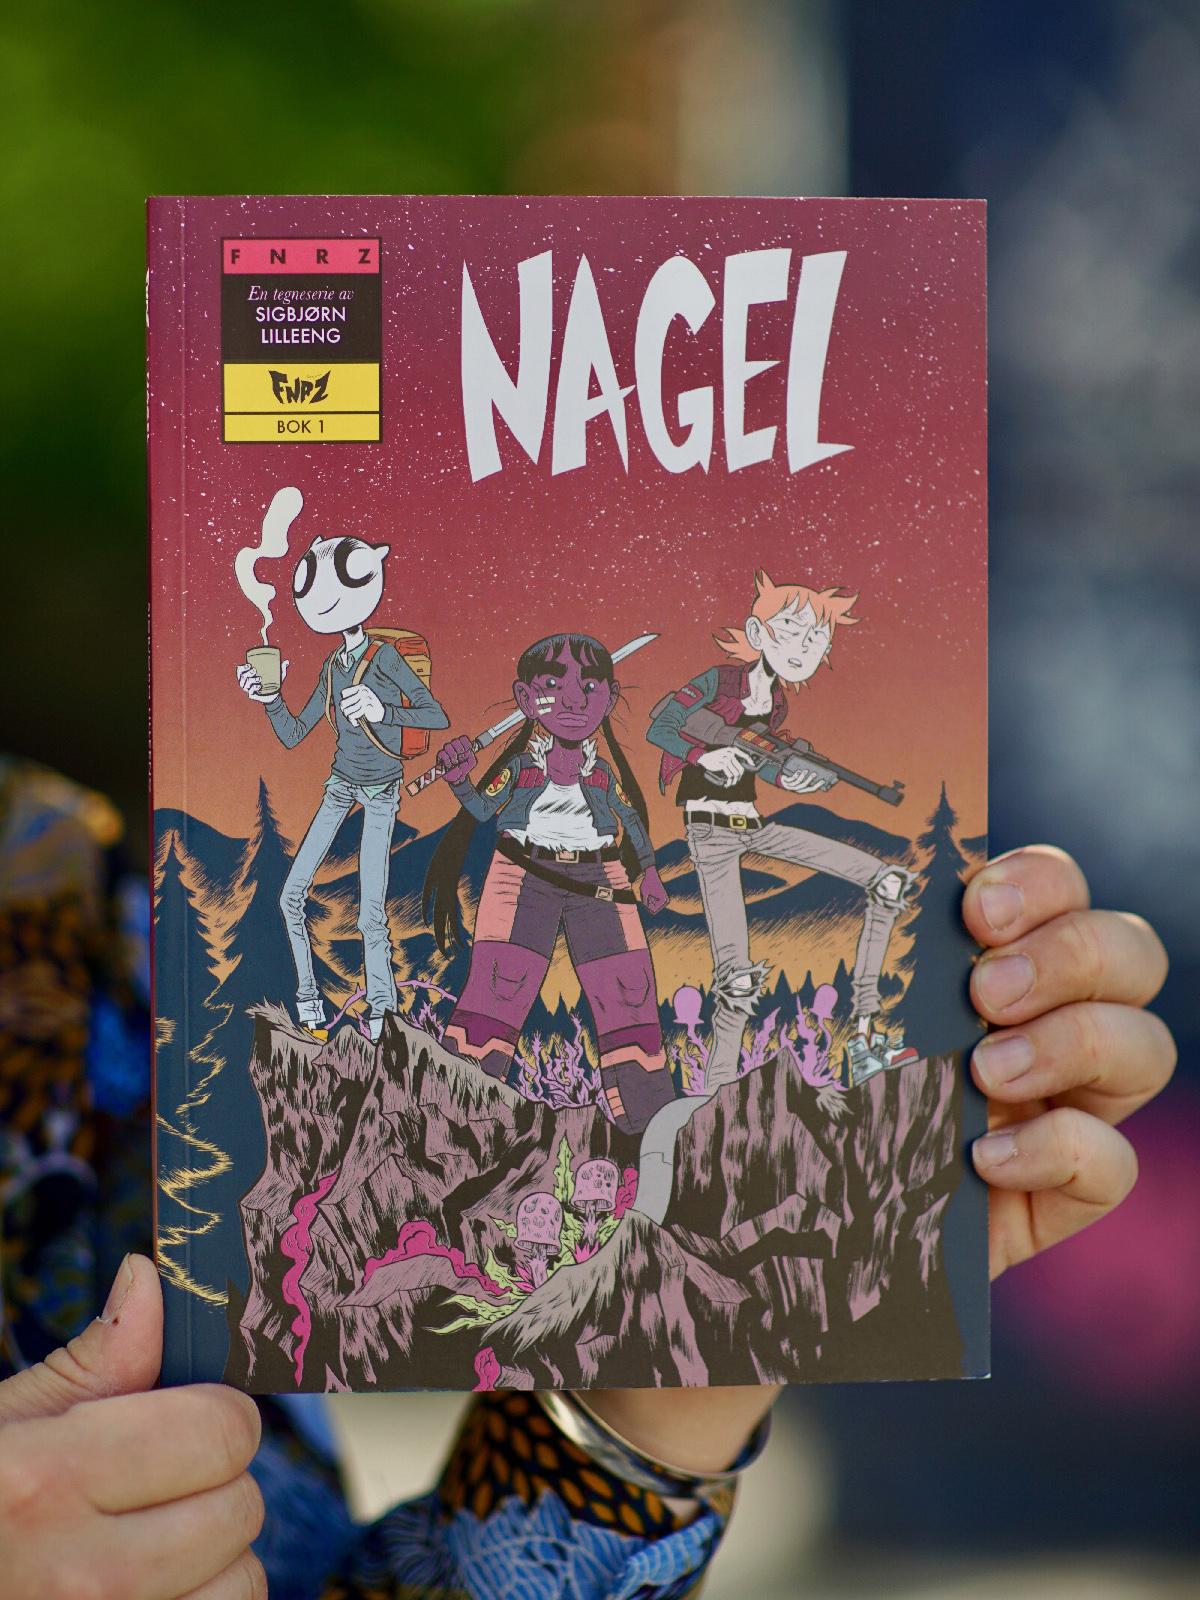 Omslaget til tegneserien Nagel av Sigbjørn Lilleeng